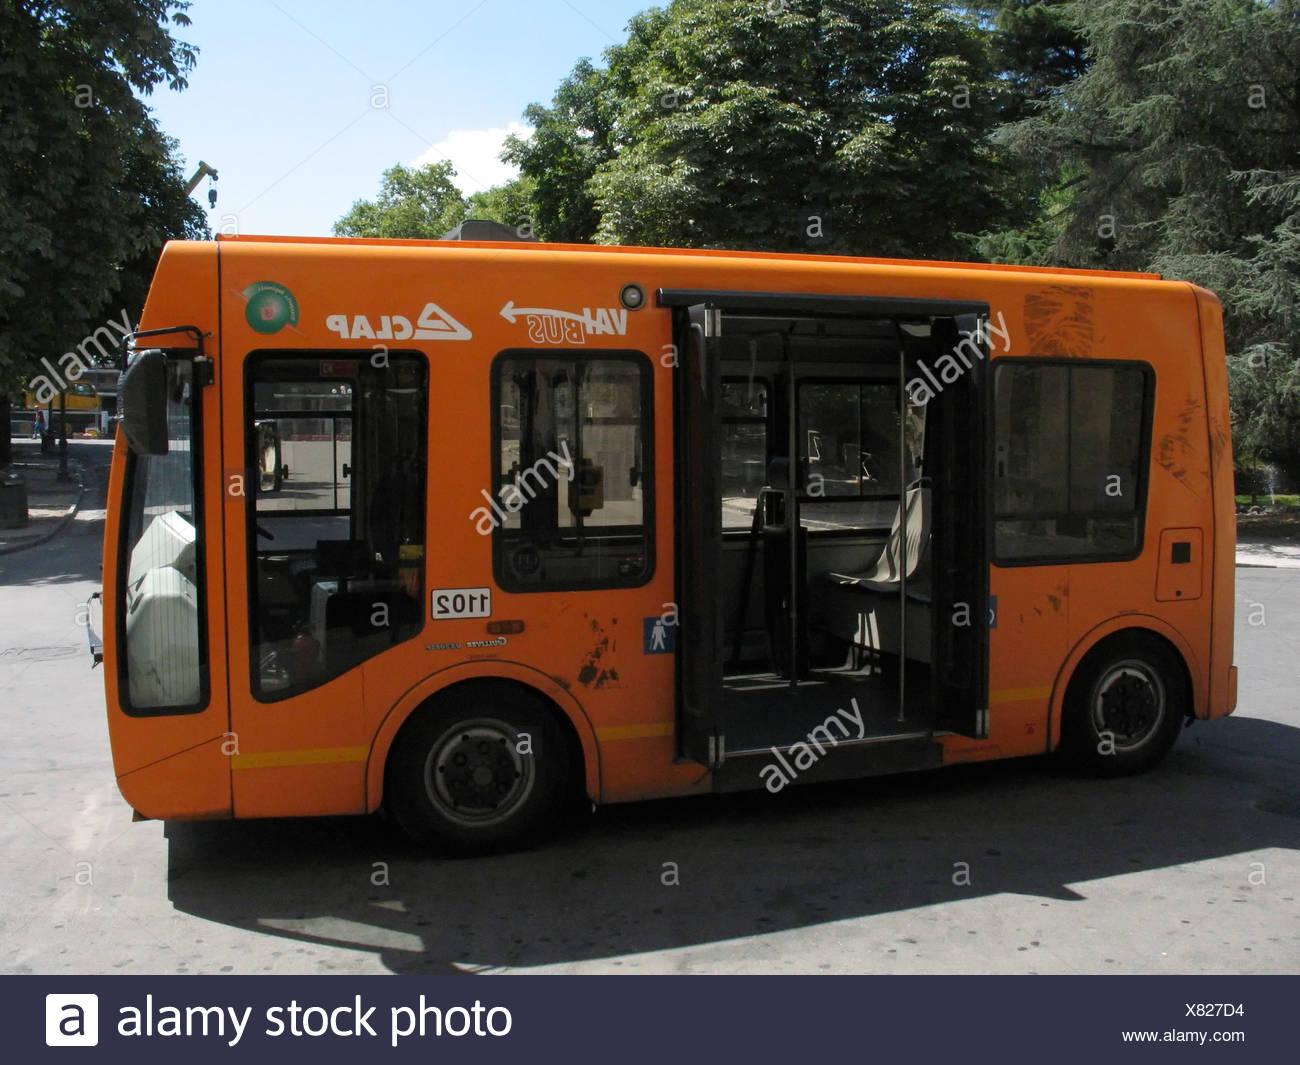 Italian minibus - Stock Image